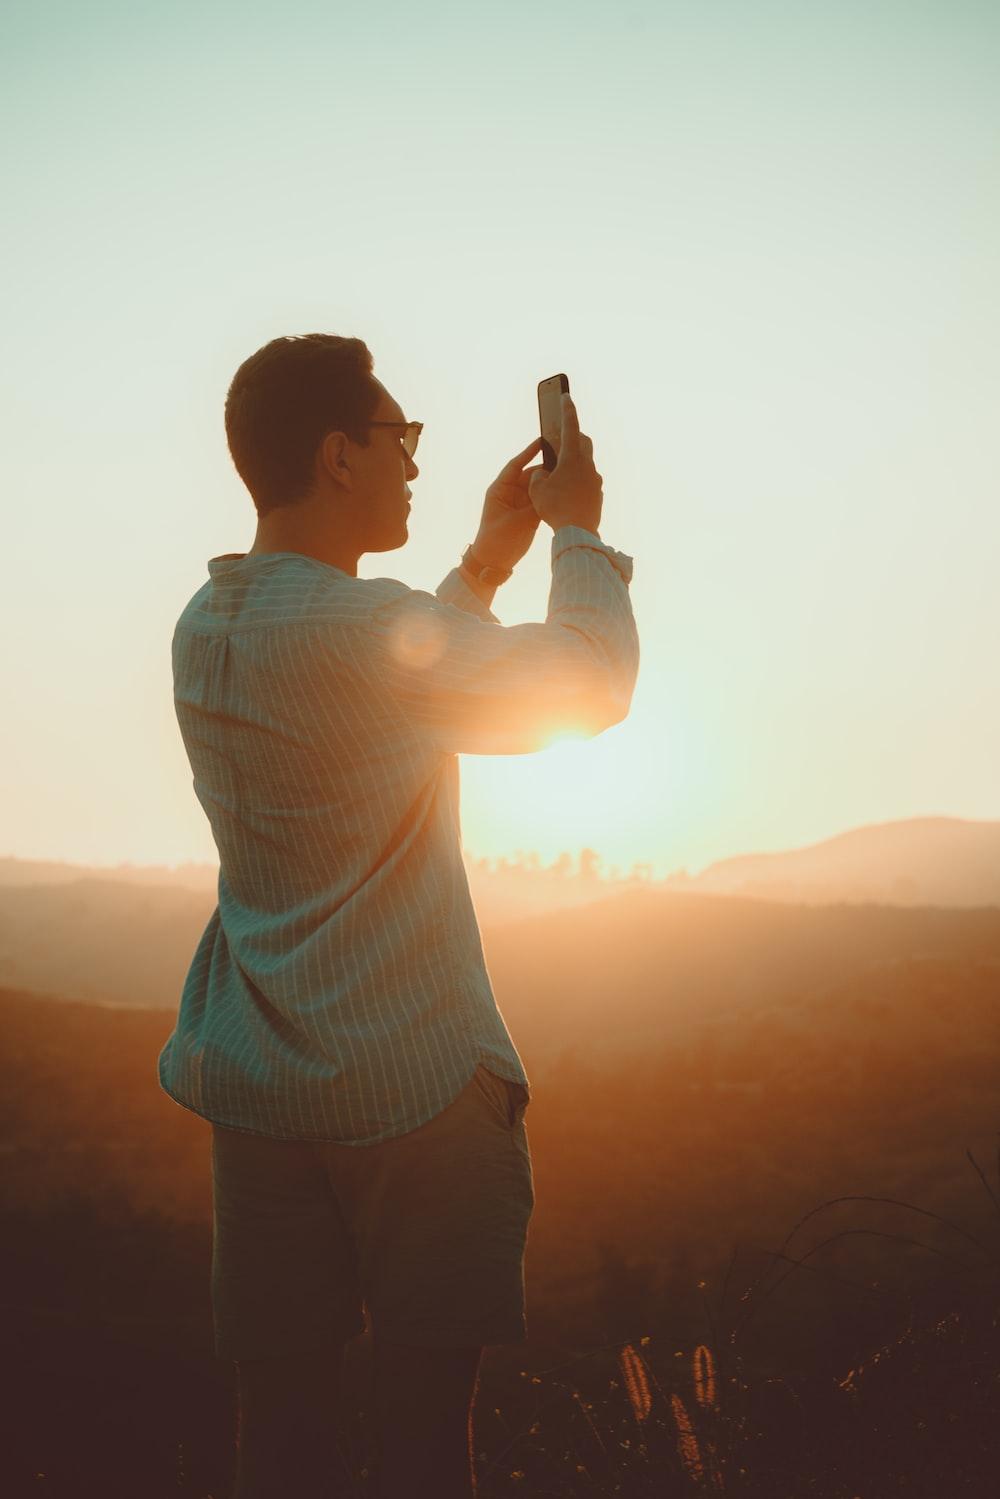 man wearing green dress shirt taking picture during sunset